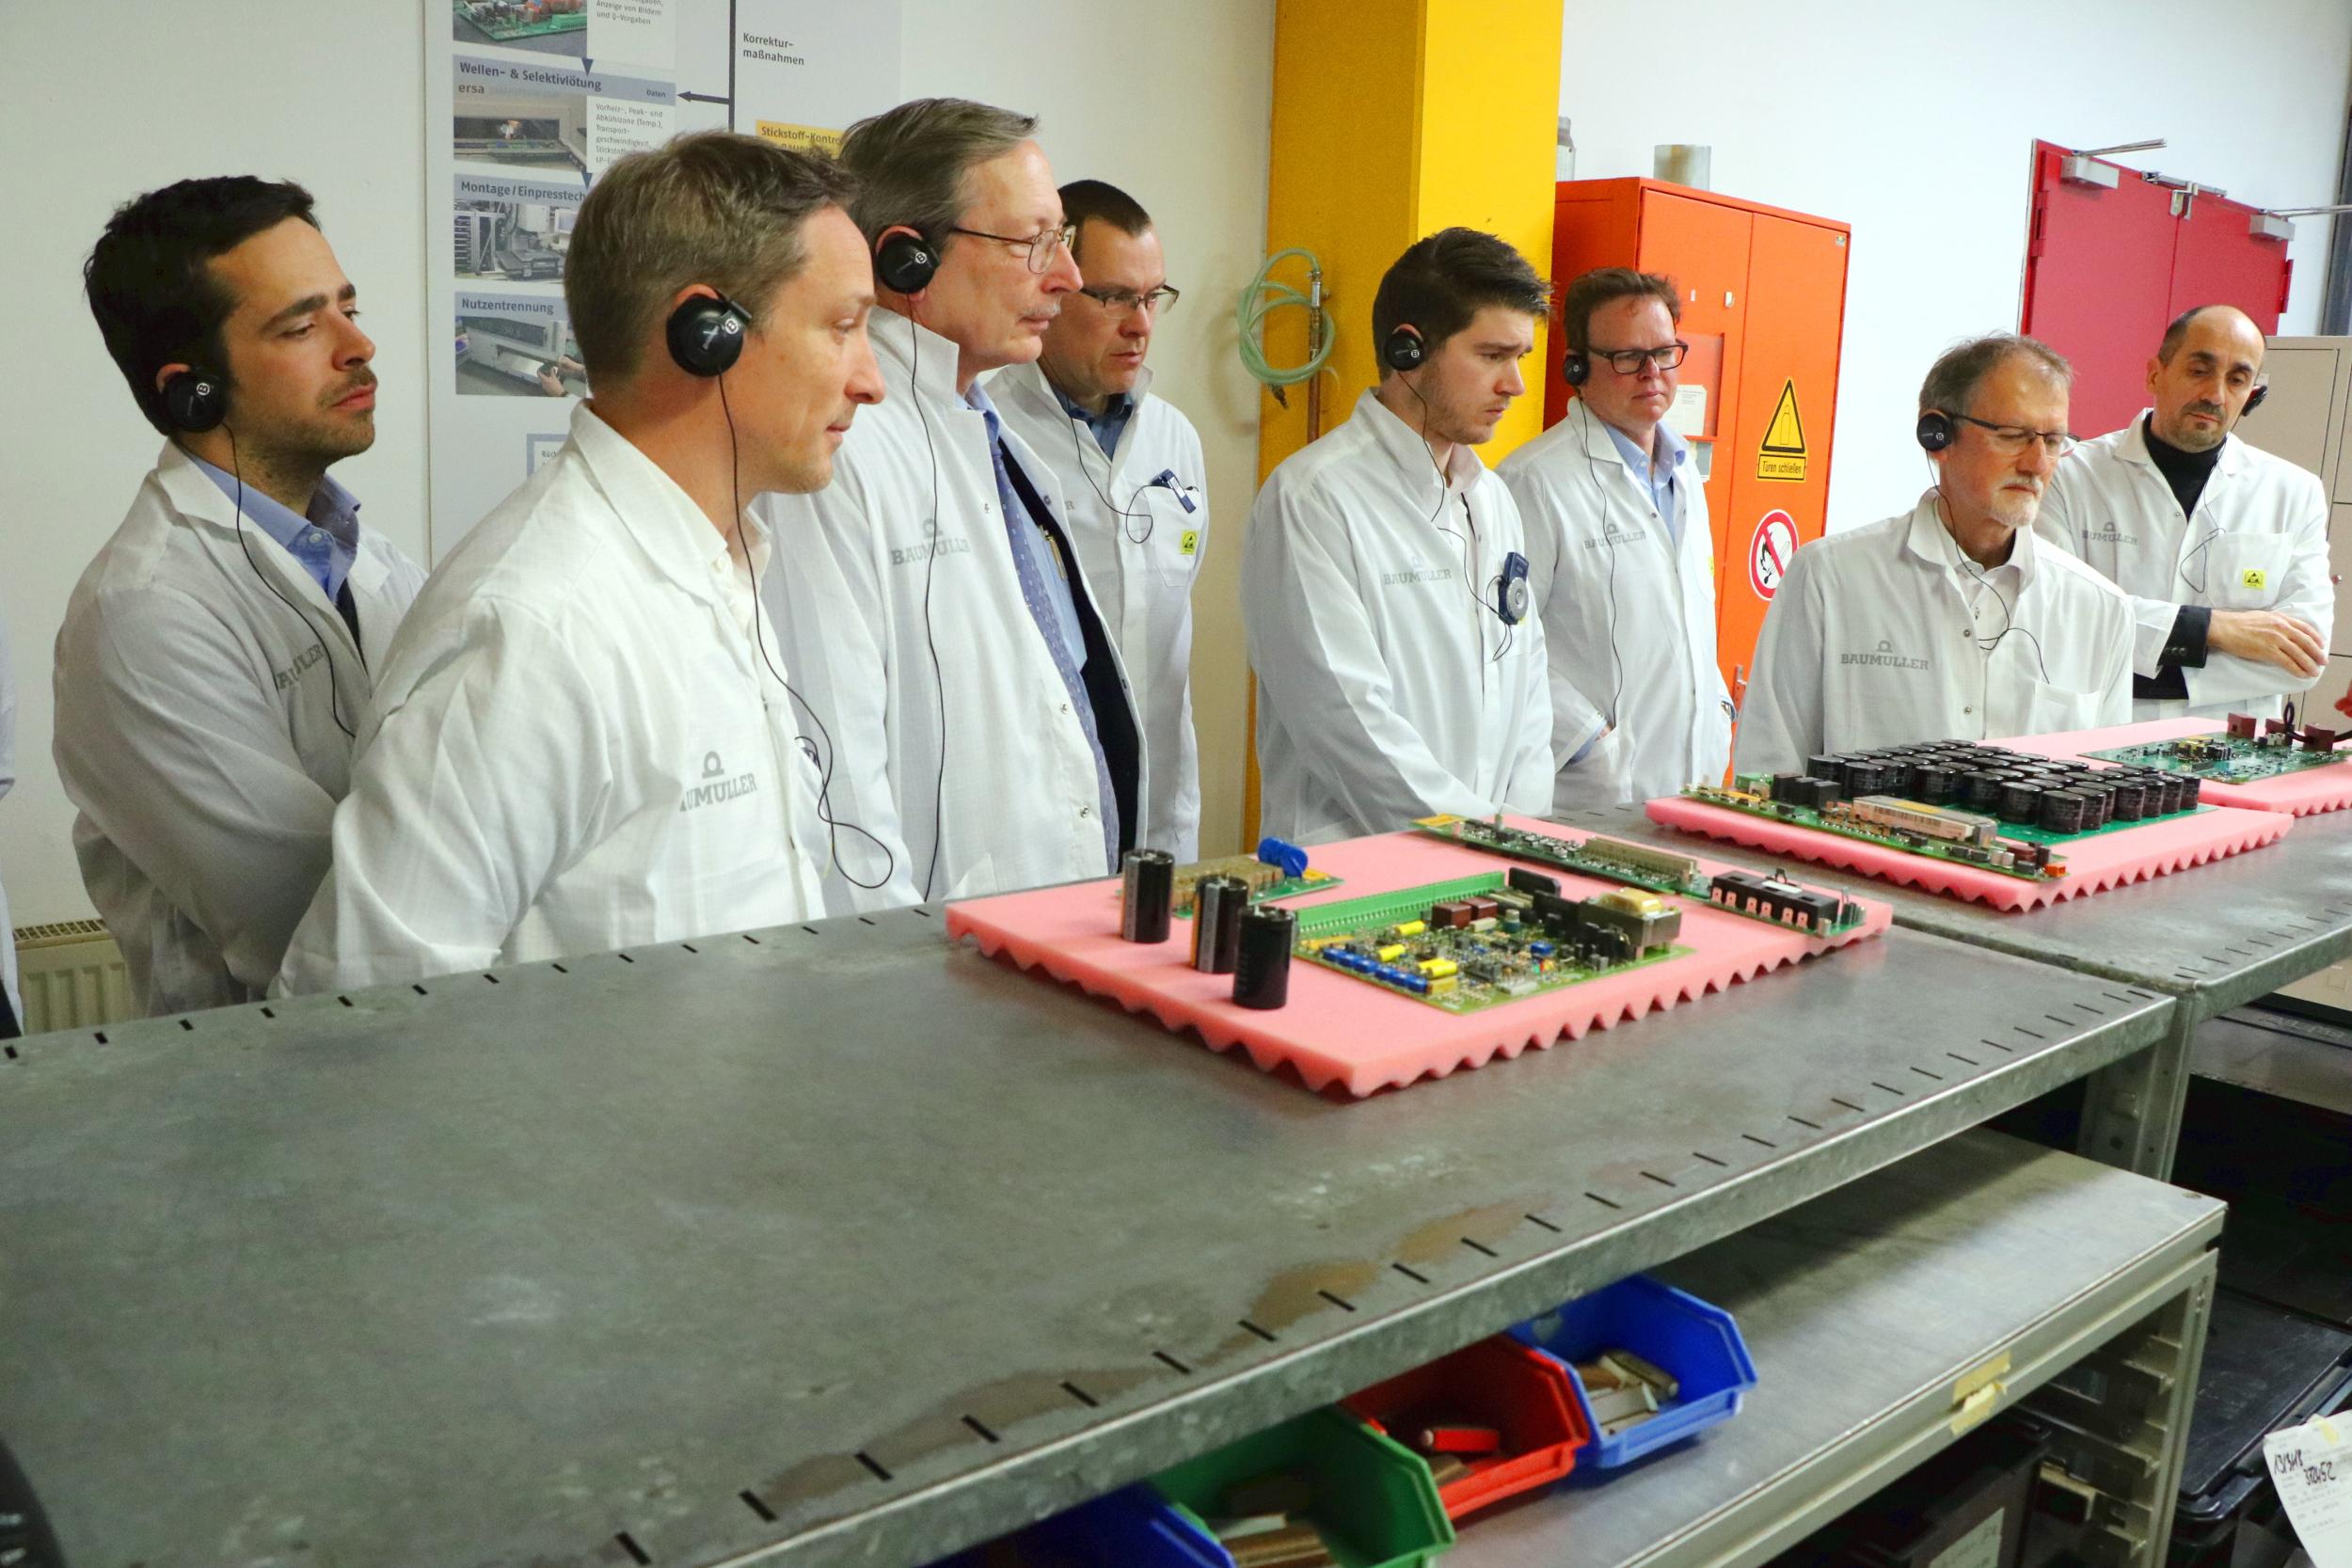 Einen interessanten Einblick gewannen die Teilnehmer bei der Führung durch die Elektronikfertigung, in der auch Leiterplatten bestückt werden.